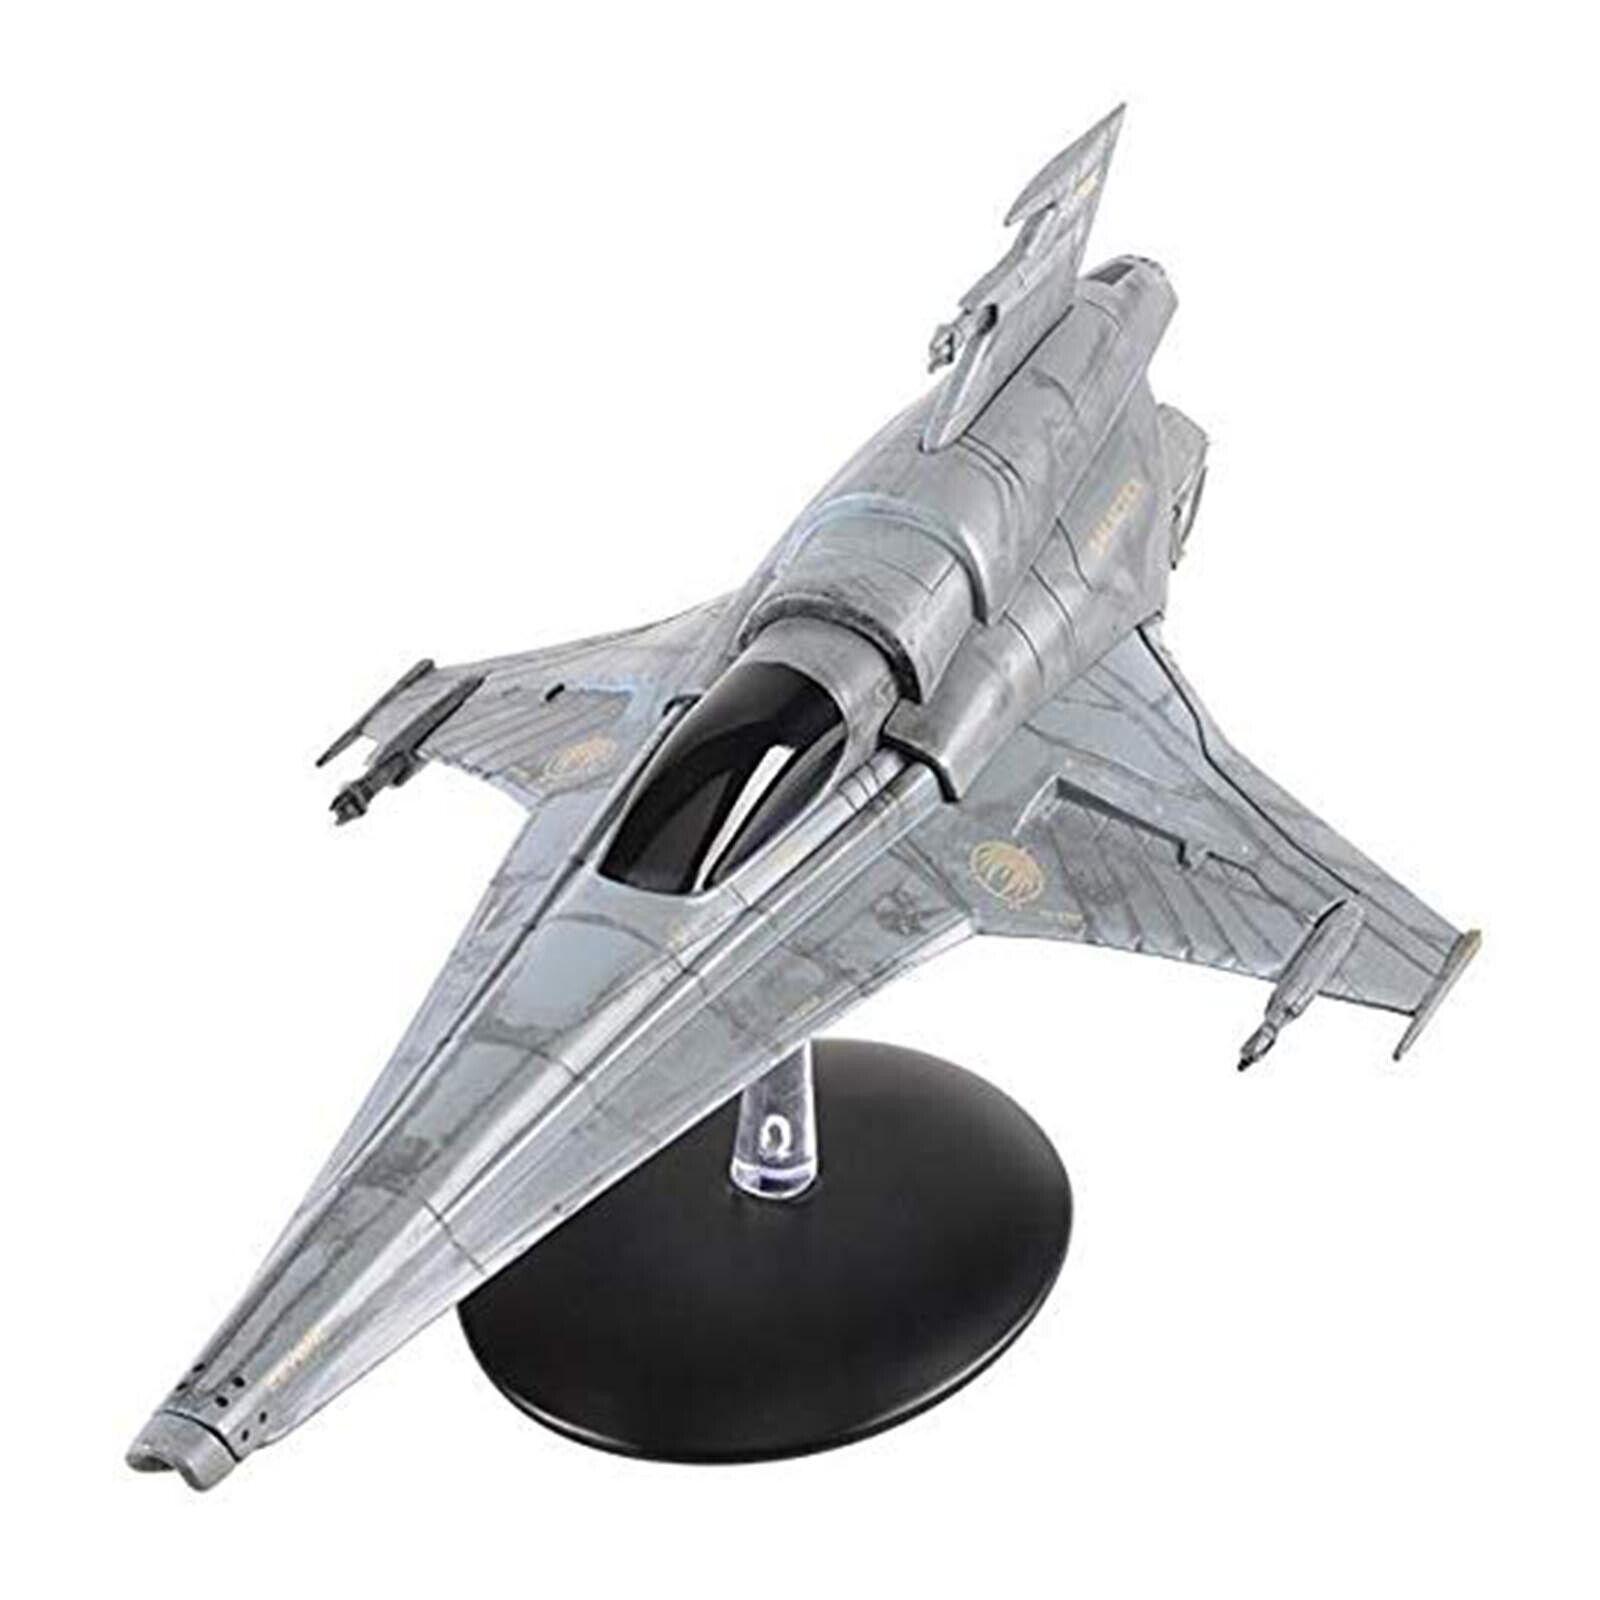 ahorrar en el despacho EAGLEMOSS Viper Mark VII barco réplica de de de nuevo en la Acción BattleEstrella Galactica  barato en línea